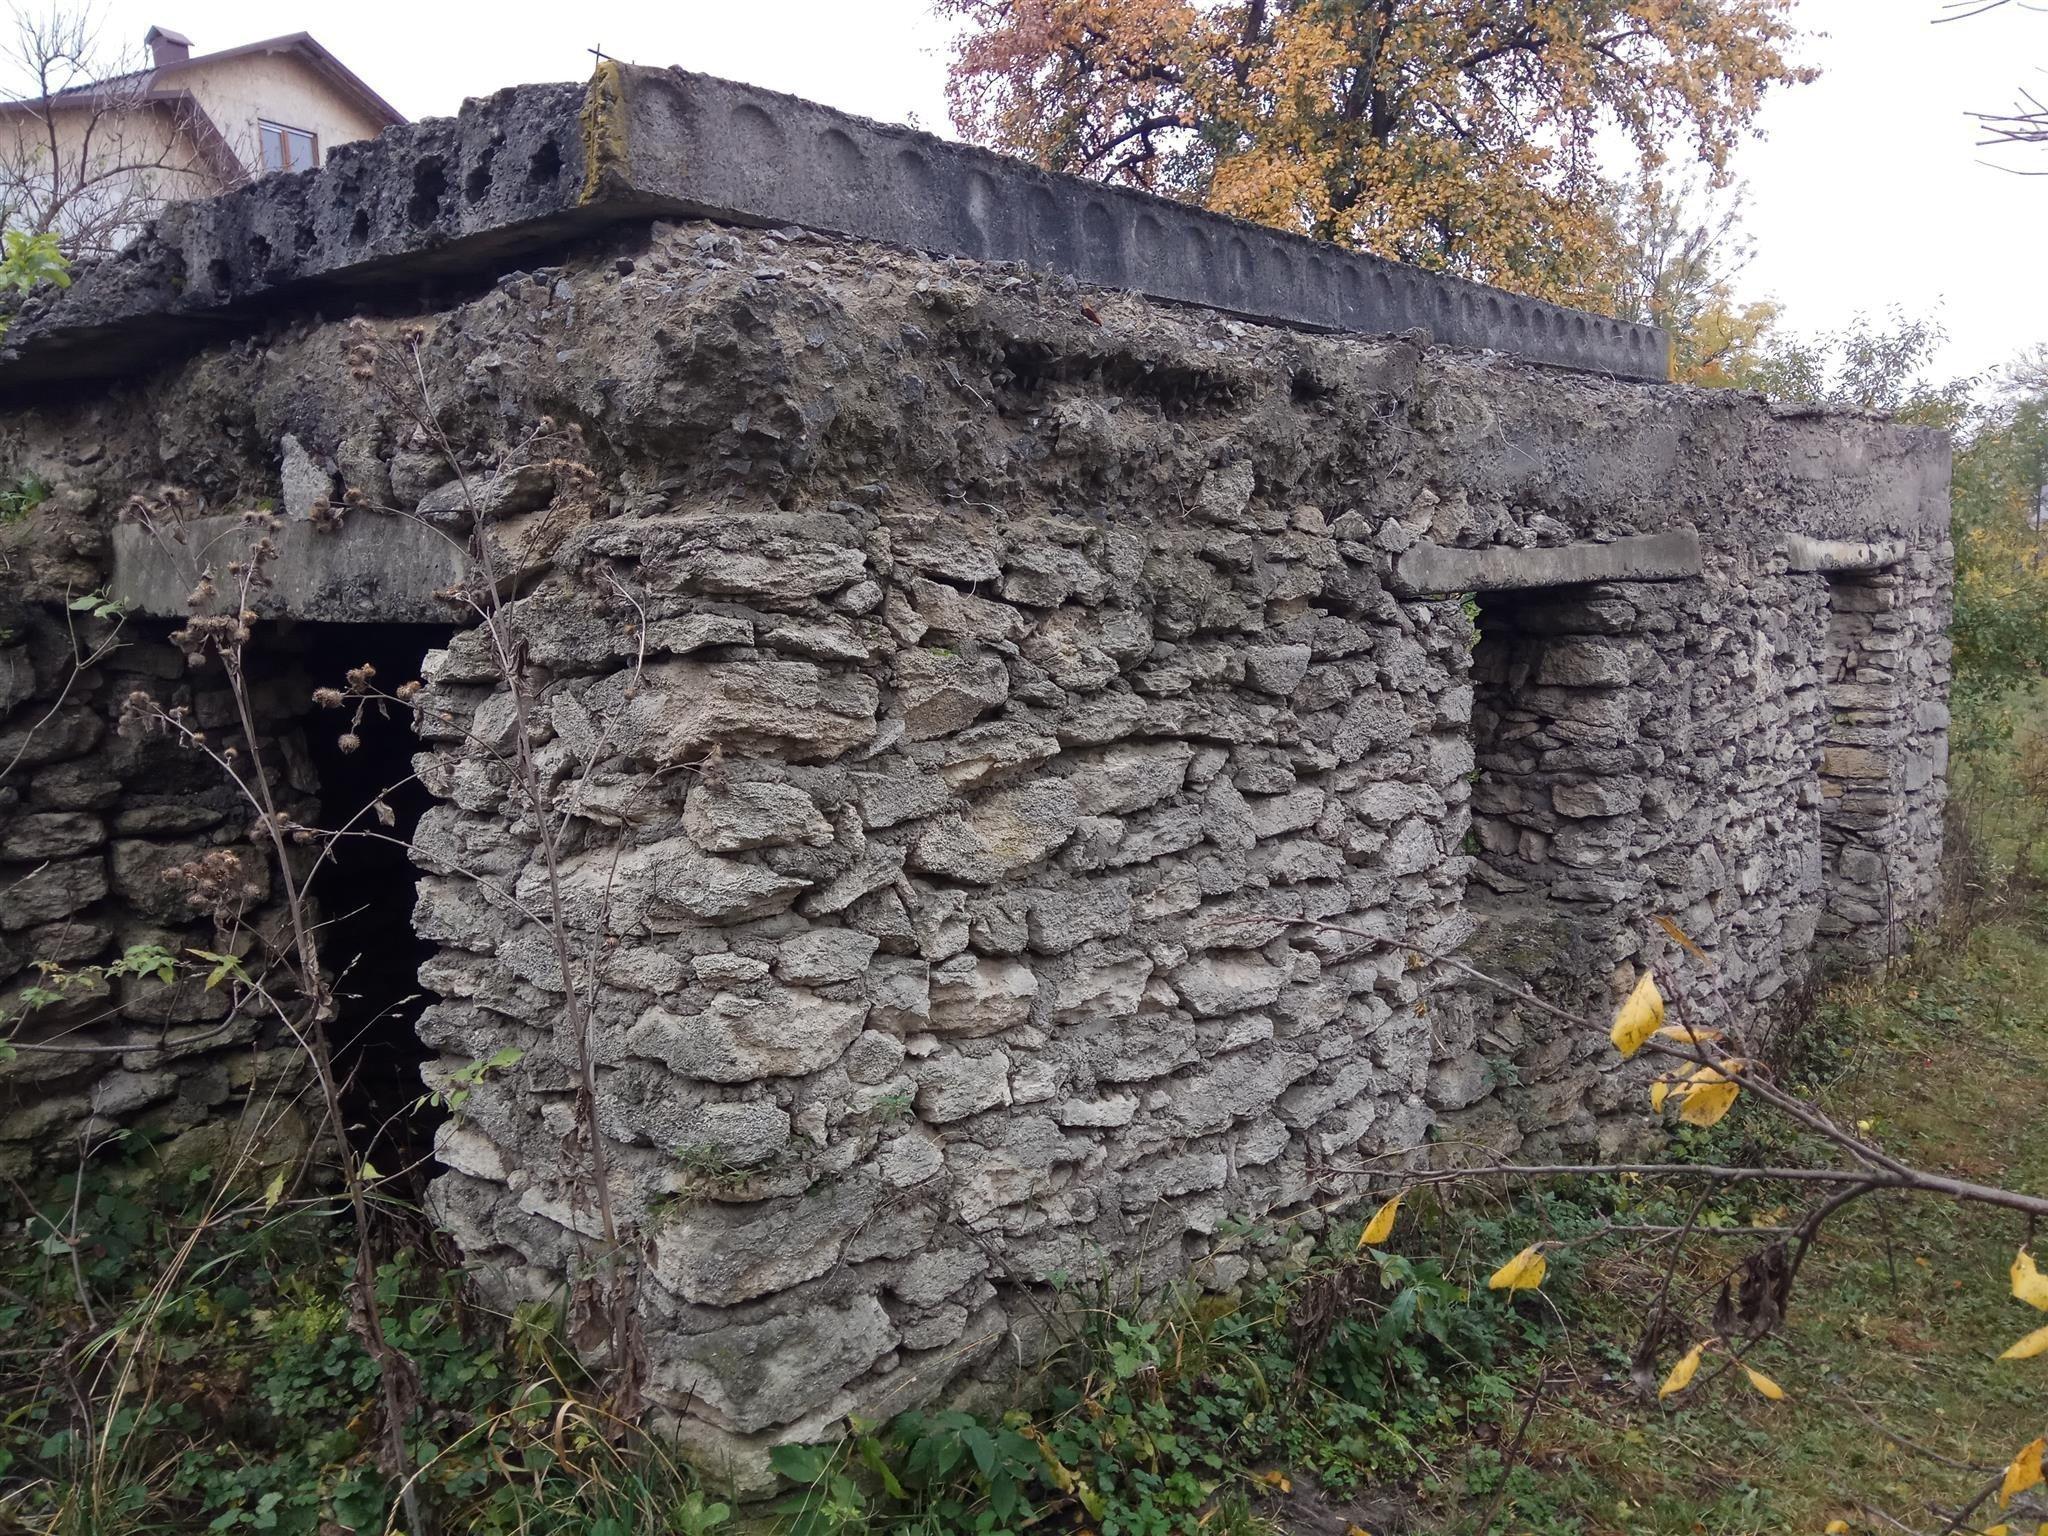 Фото: Продам земельный участок в городе Красилов. Объявление № 6017